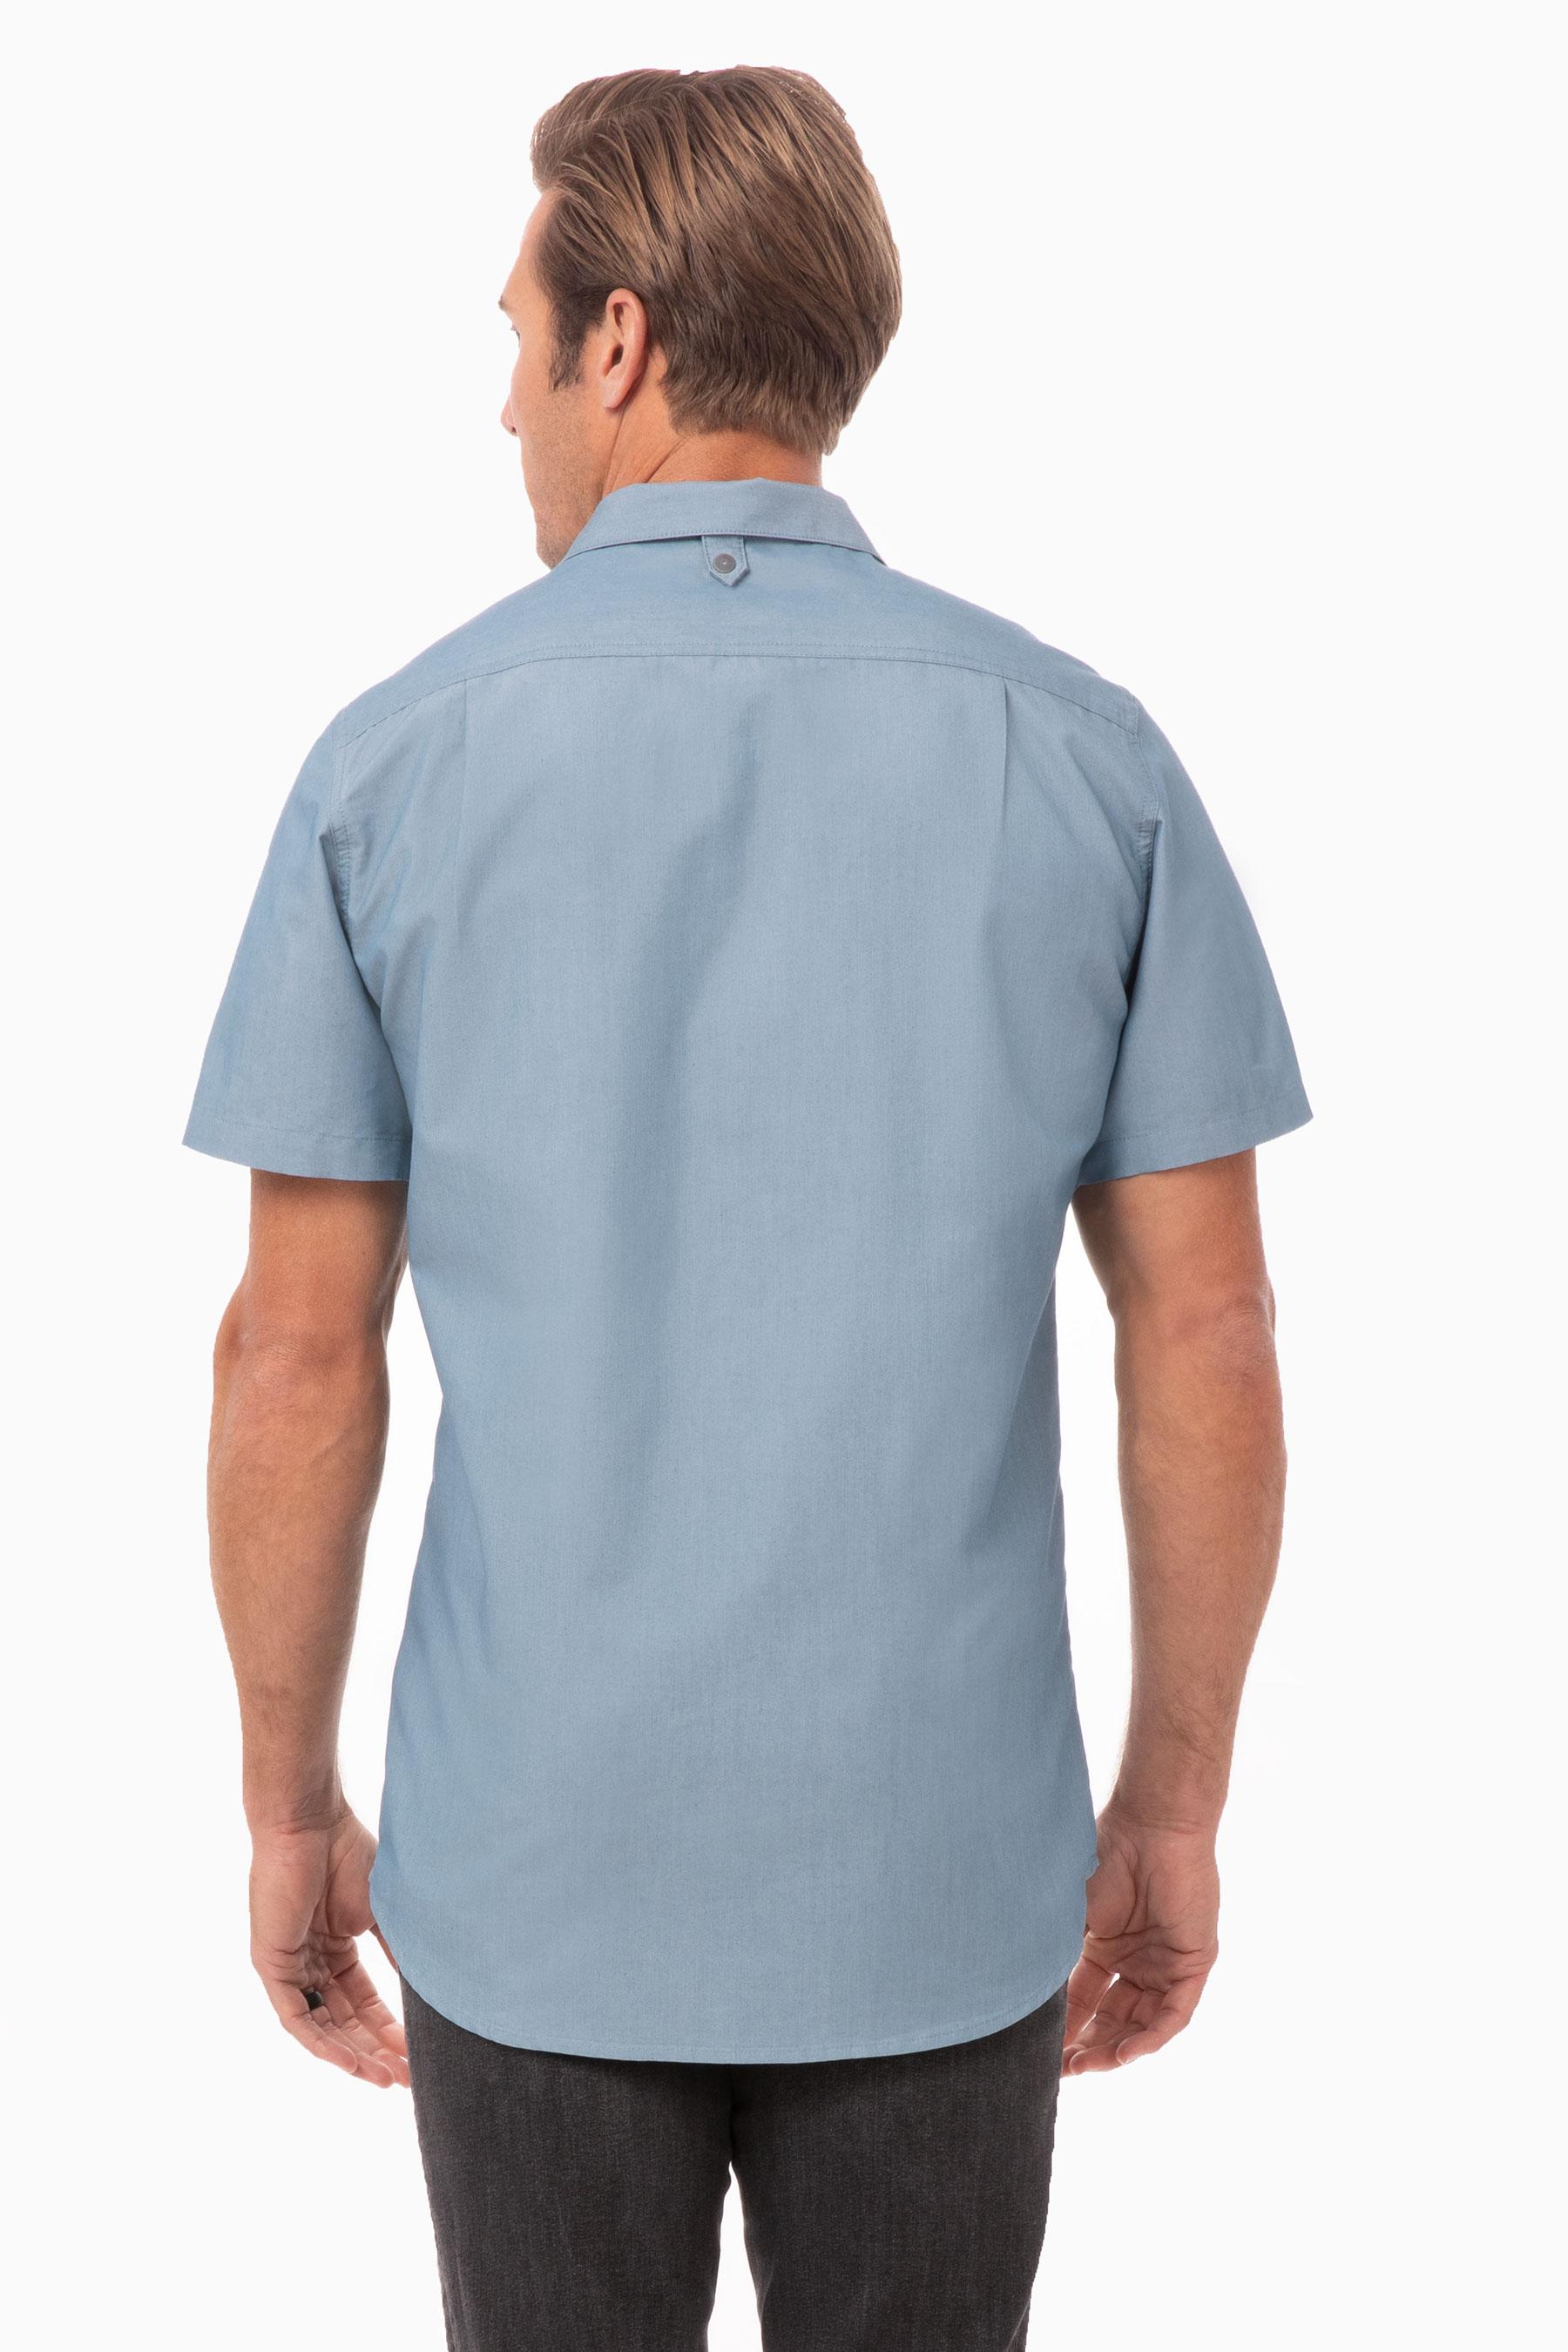 Jaxon Mens Shirt